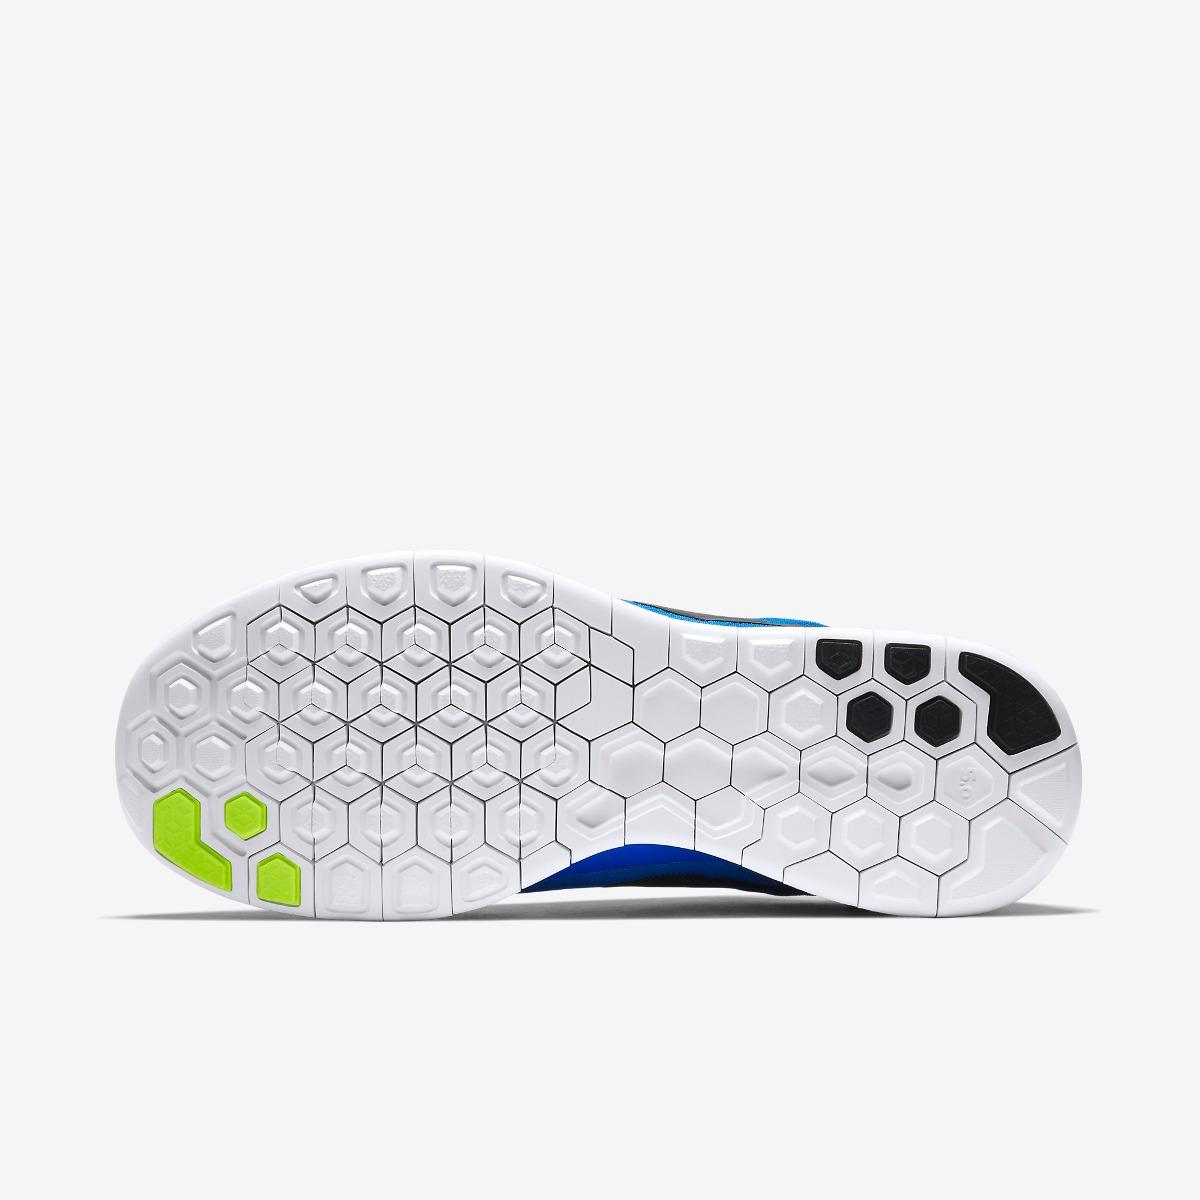 d8ed42c960a51 Zapatillas Nike Free 5.0 Niños Original - S  249